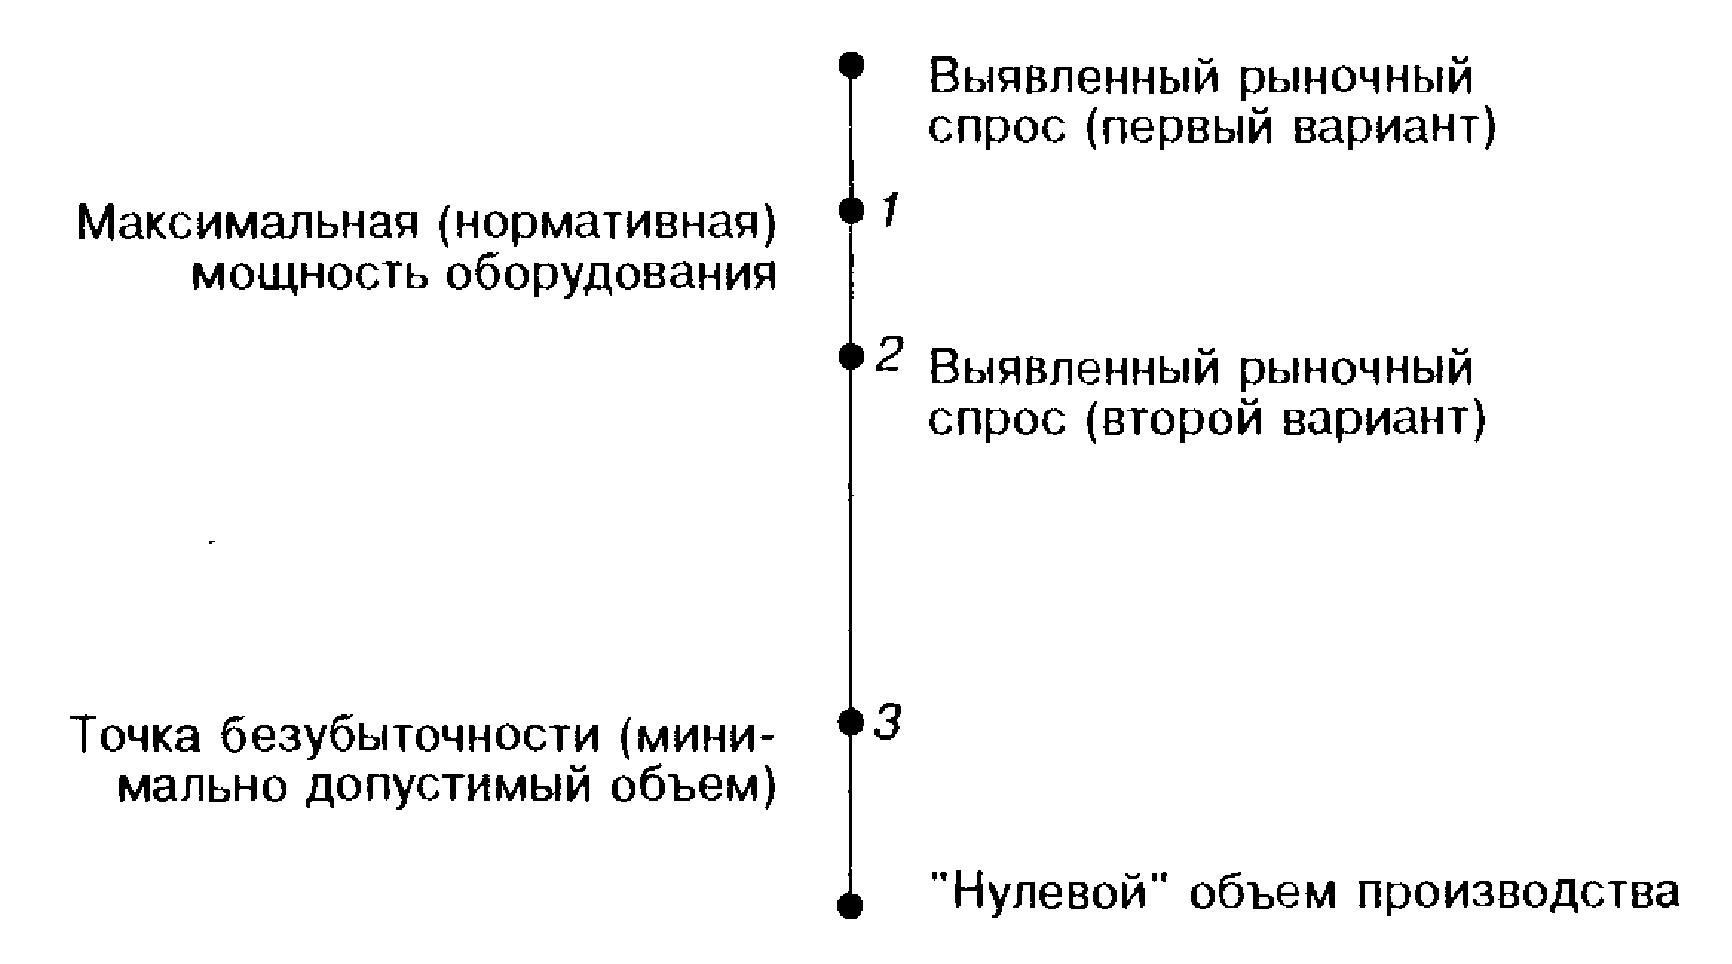 Возможные варианты определения внутренней цели